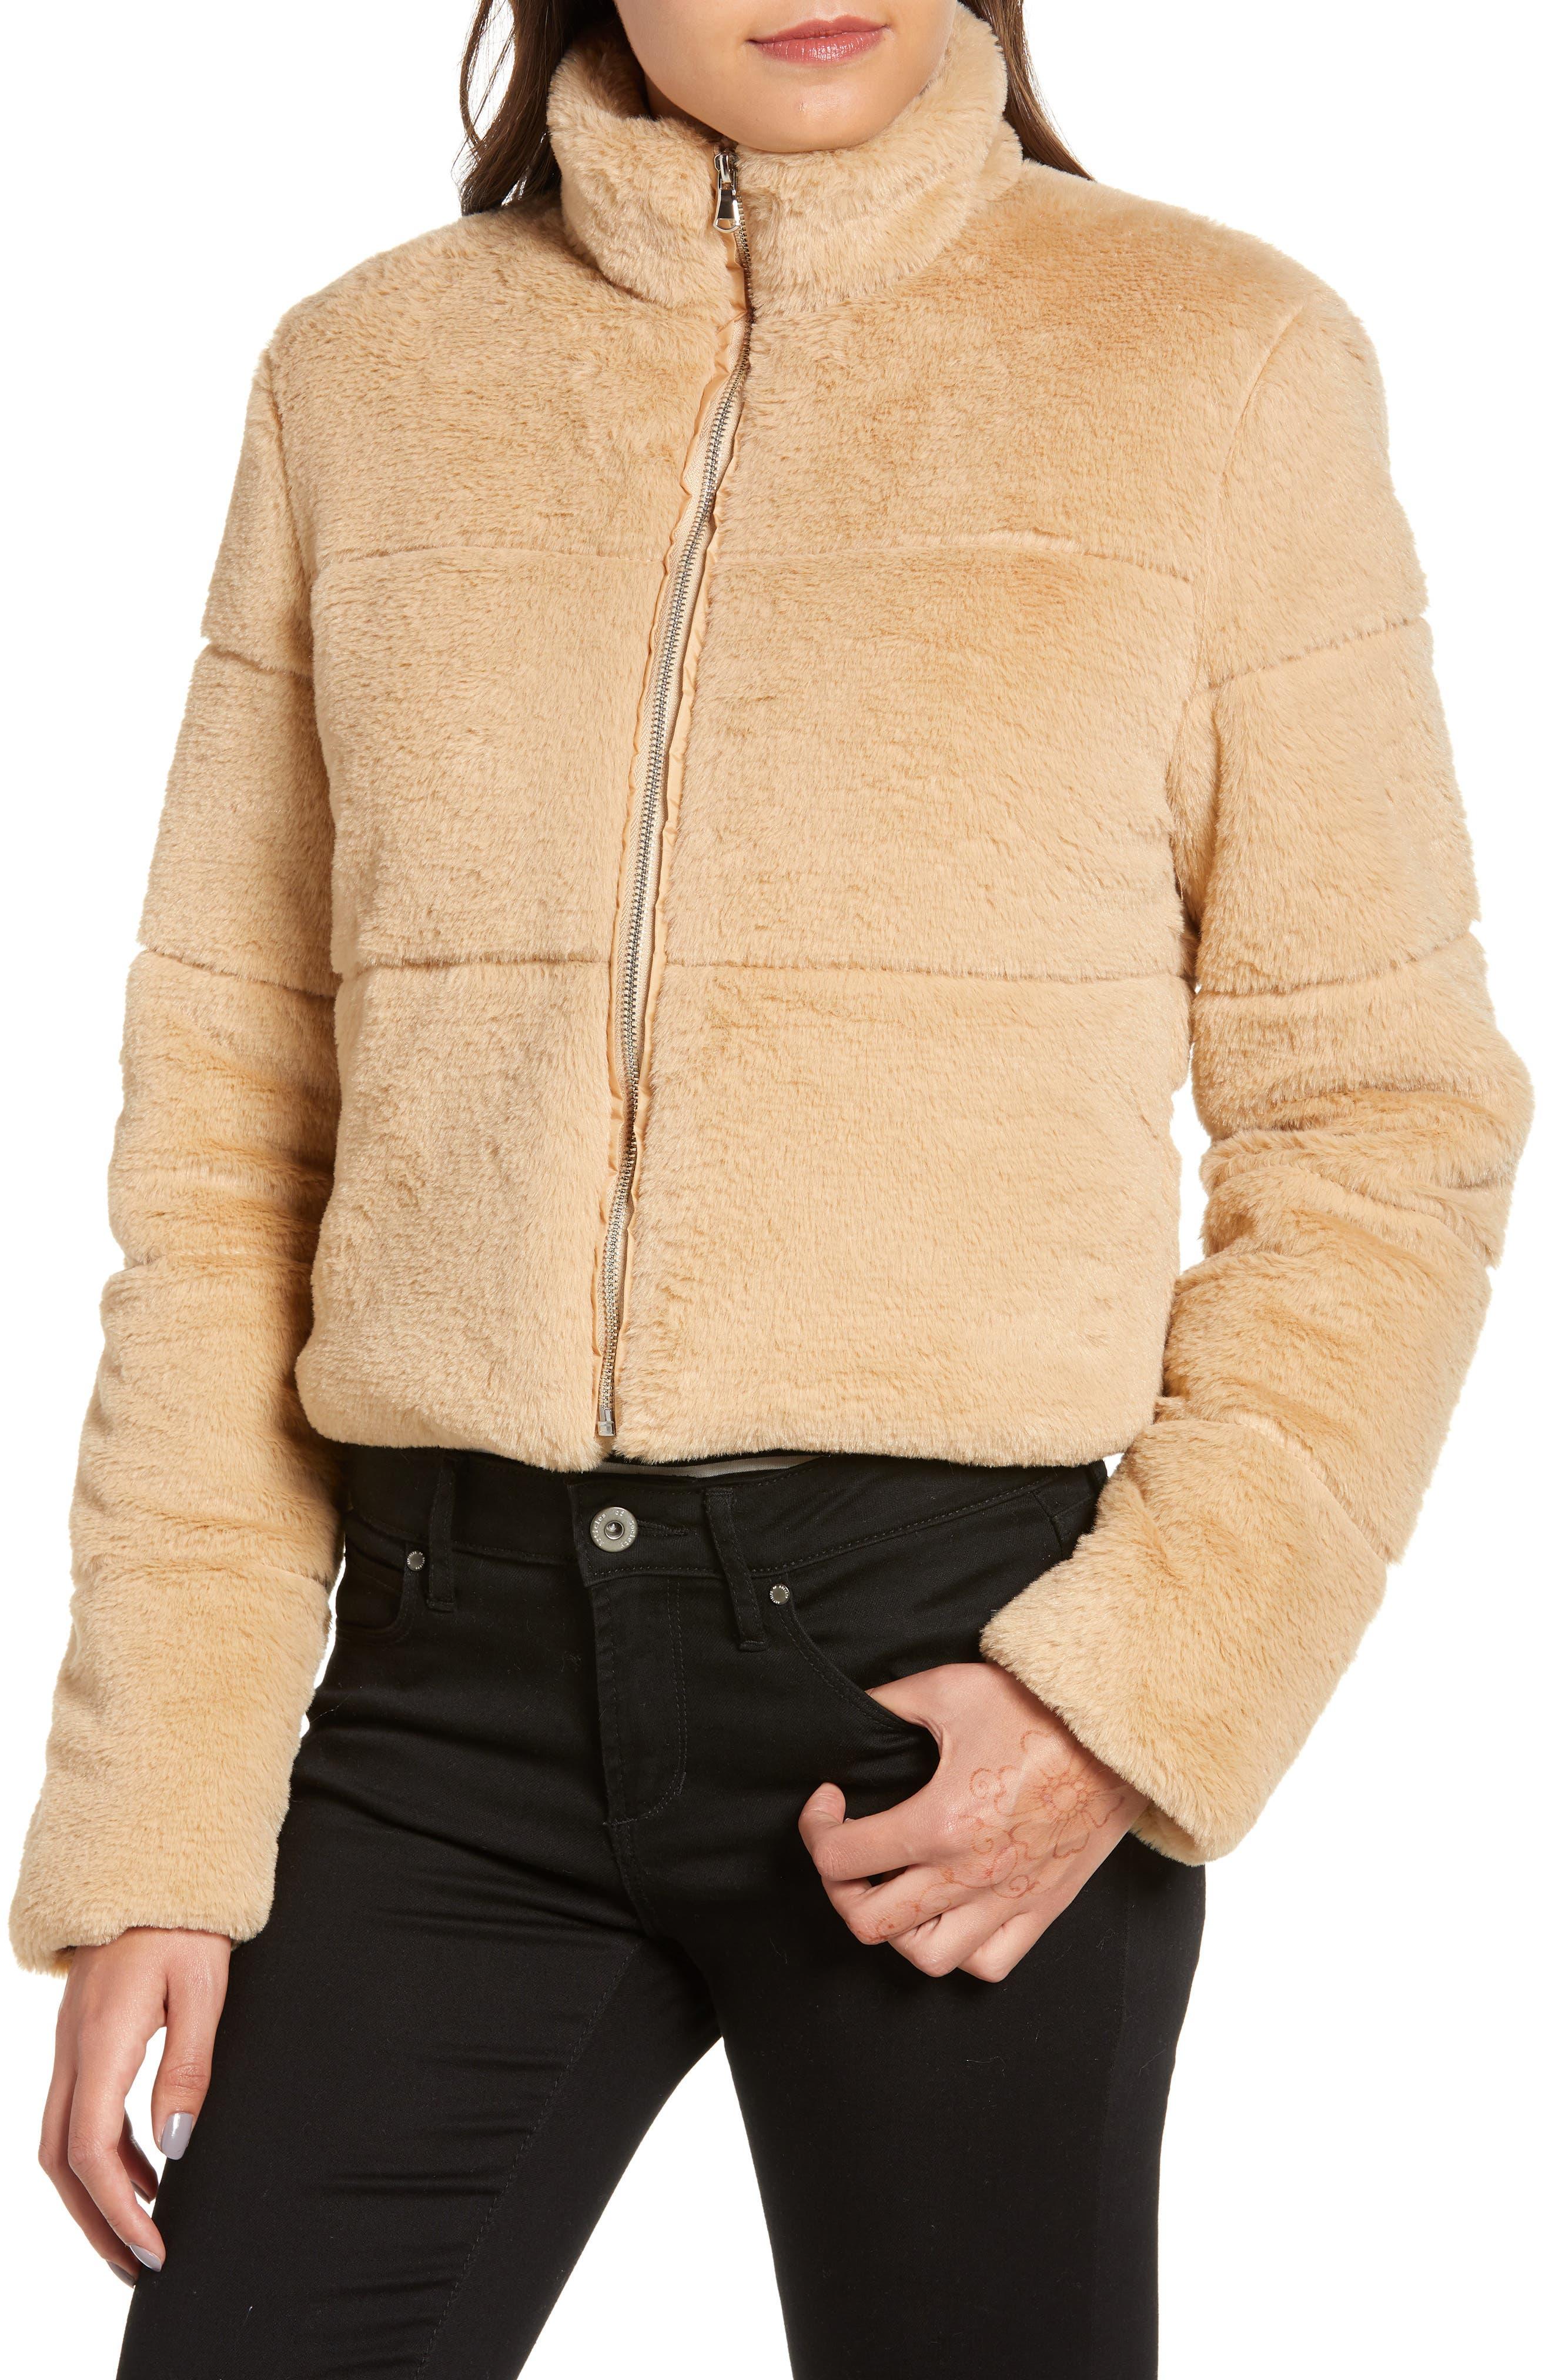 TIGER MIST, Bridget Faux Fur Puffer Jacket, Alternate thumbnail 5, color, 250